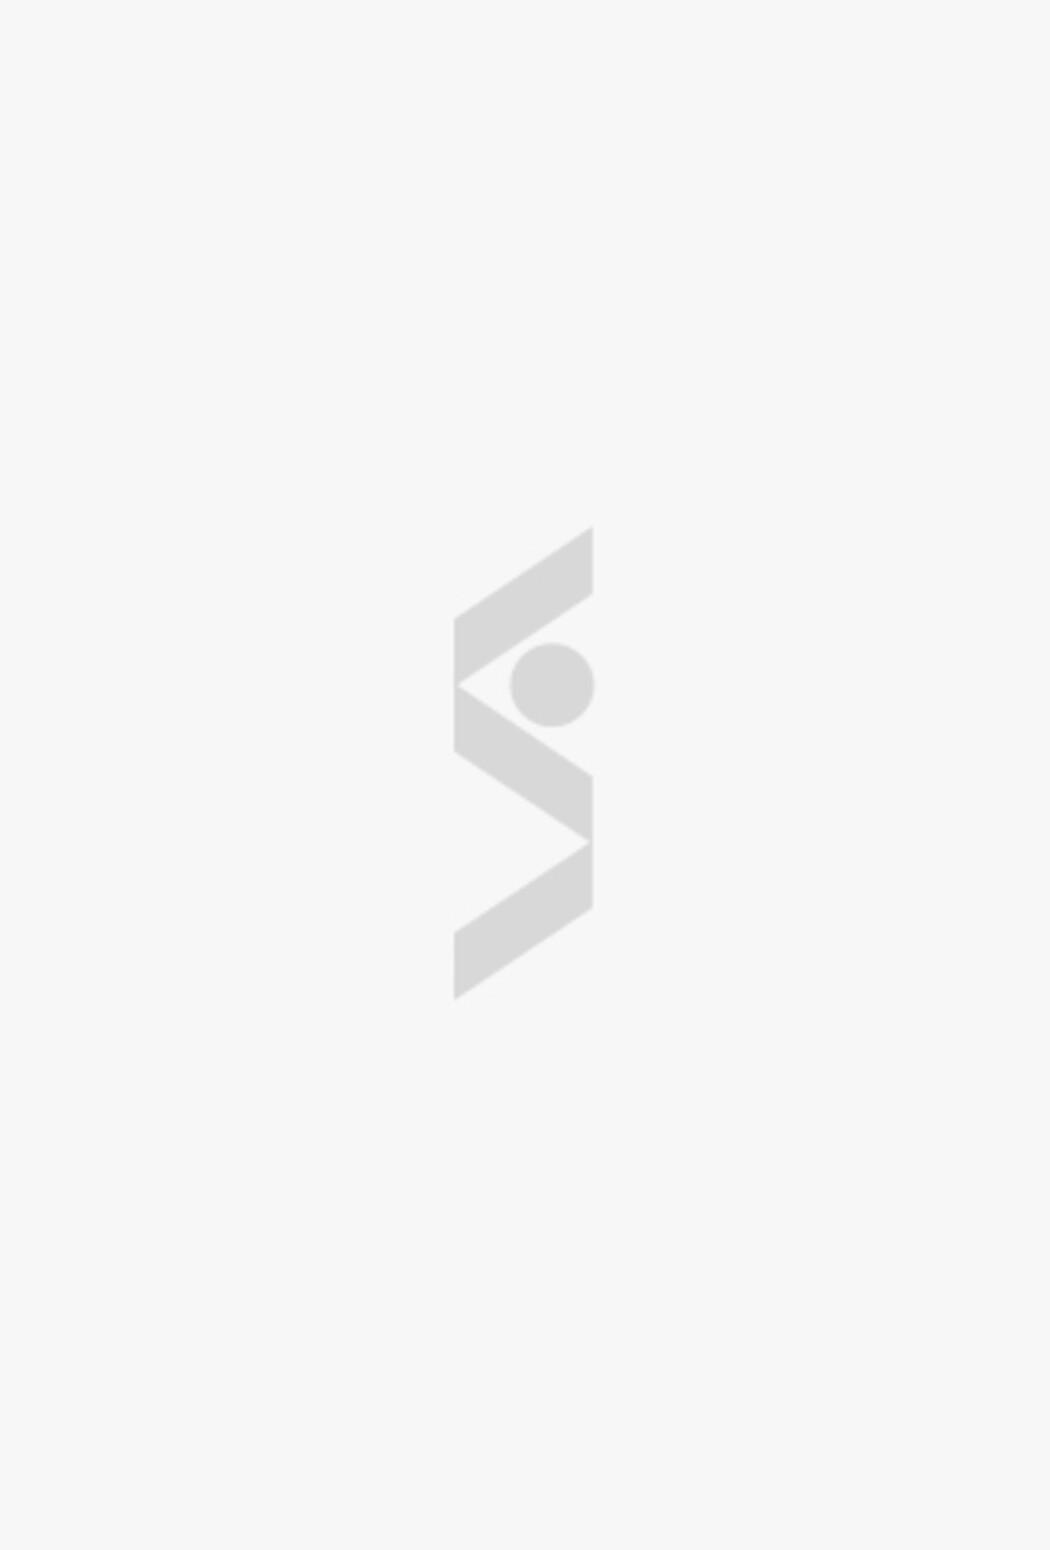 Шерстяные варежки ROECKL - цена 5290 ₽ купить в интернет-магазине СТОКМАНН в Москве